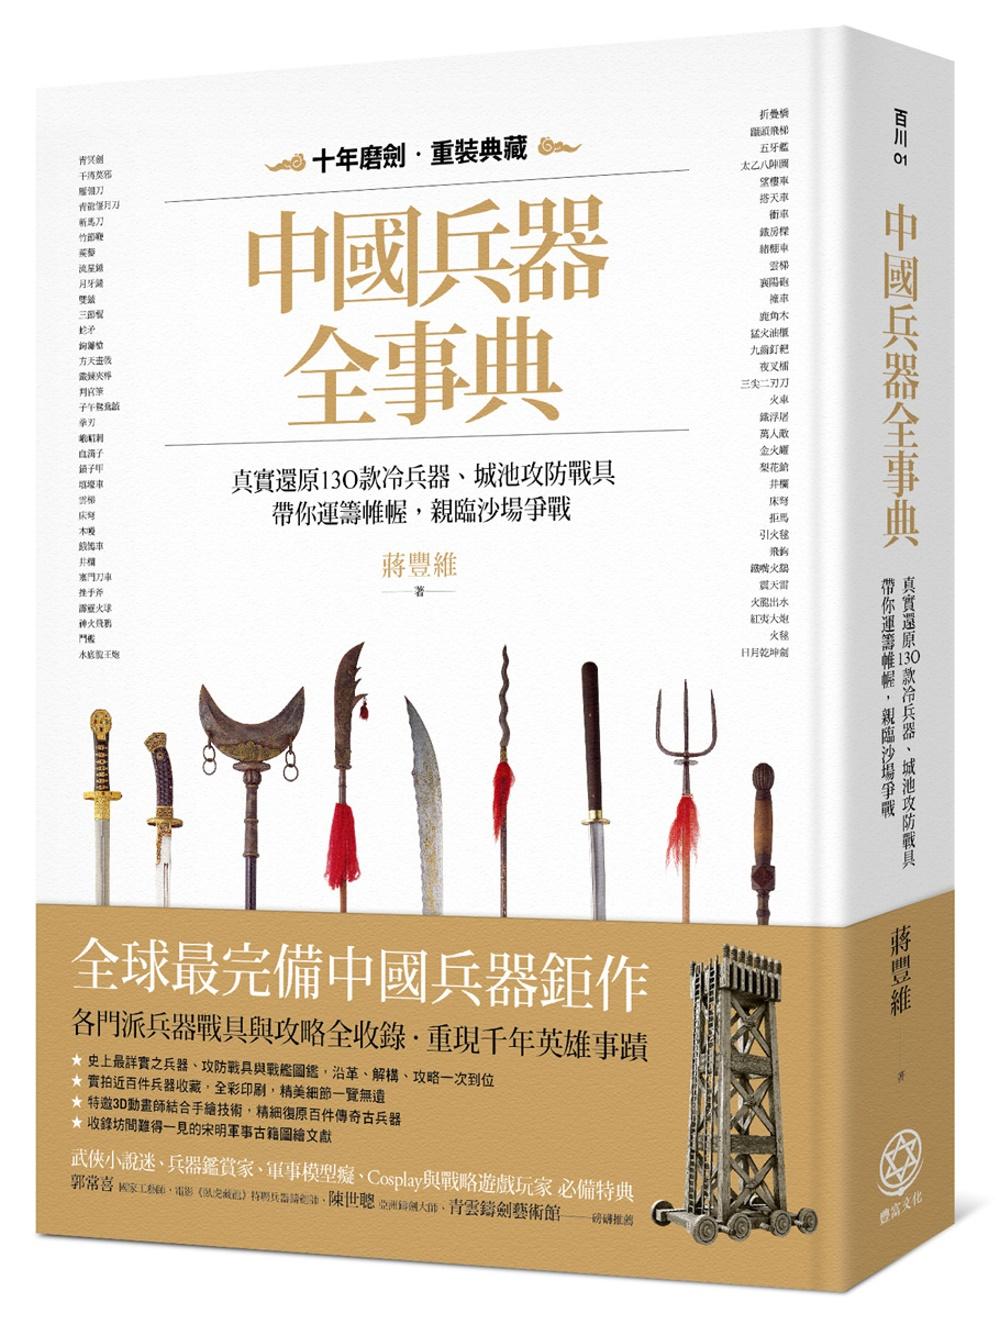 中國兵器全事典:真實還原130款冷兵器、城池攻防戰具,帶你運籌帷幄,親臨沙場爭戰